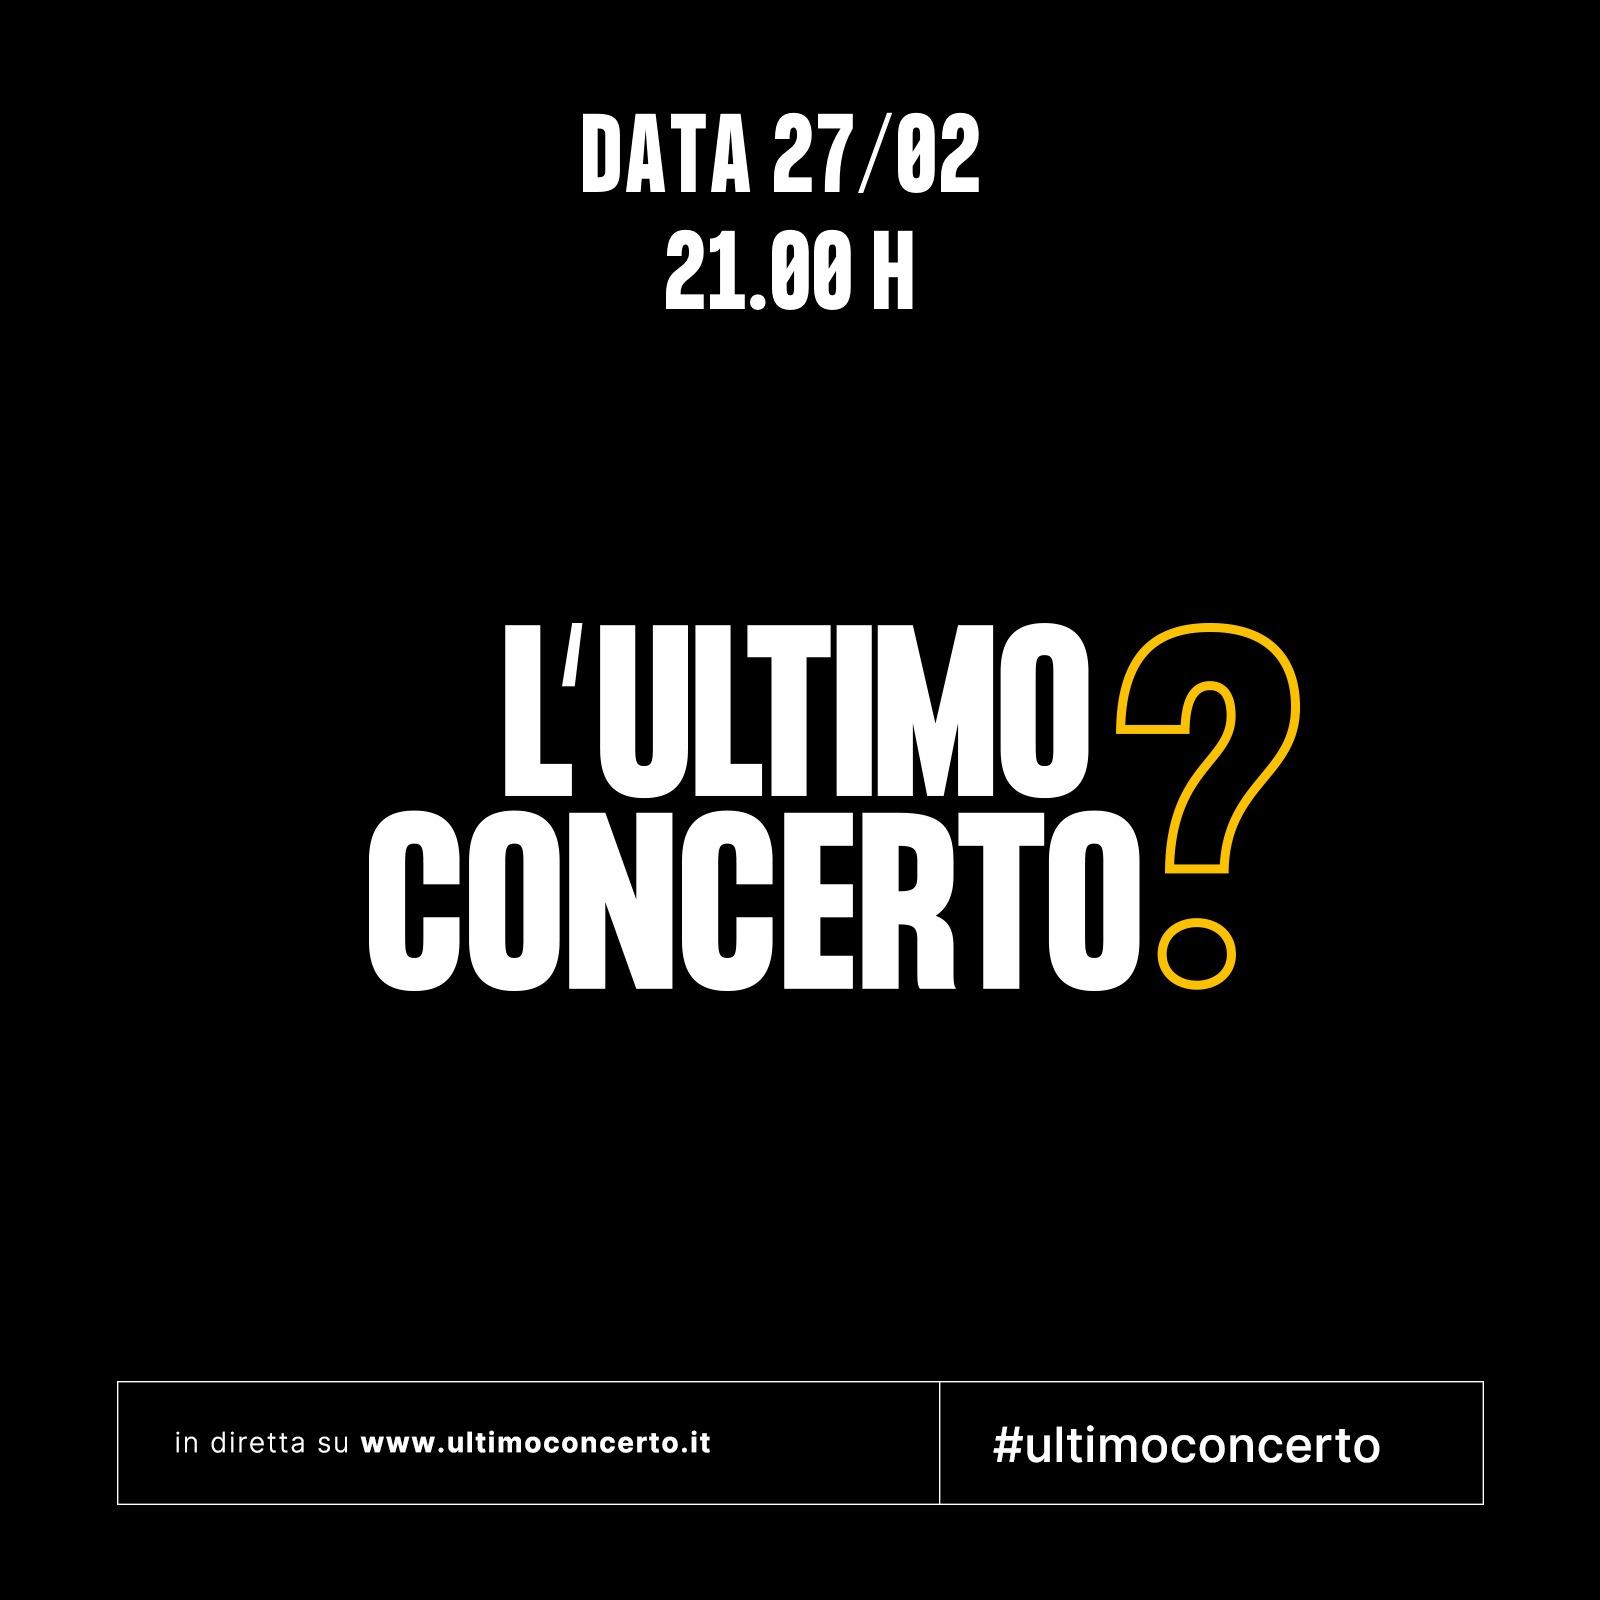 ultimo concerto live club musica modena cultura